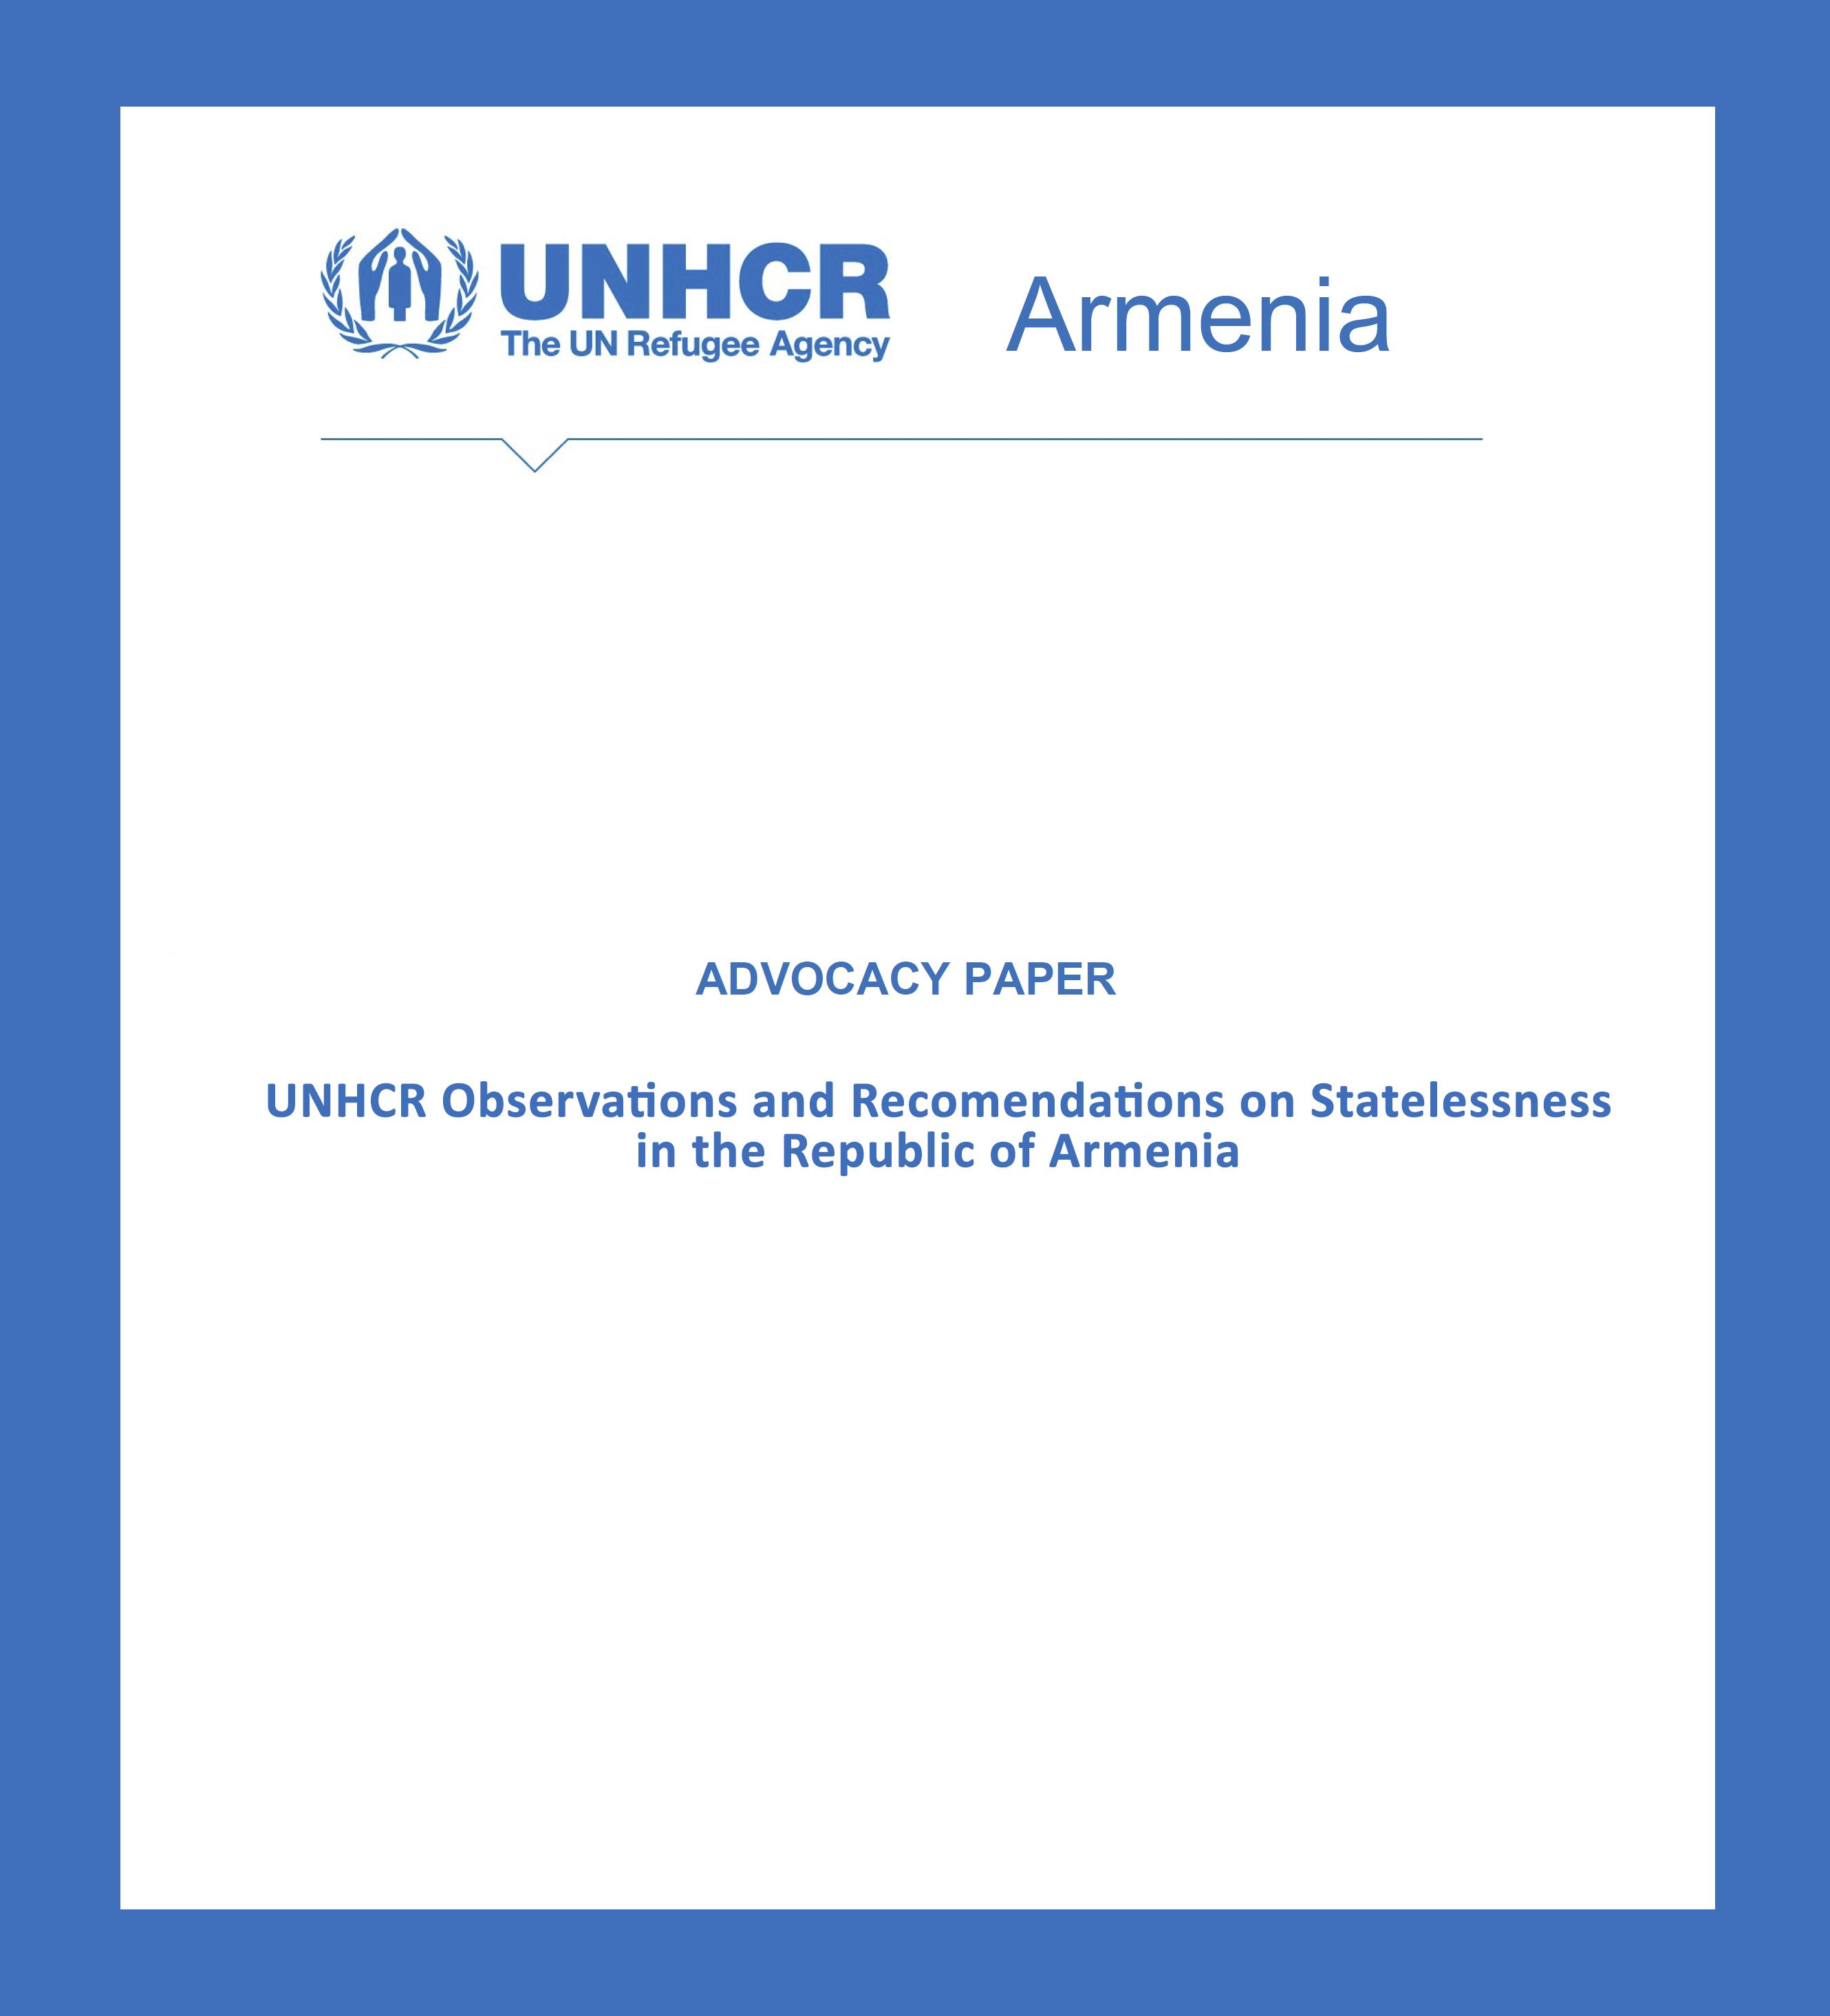 UNHCR Armenia Advocacy paper cover page